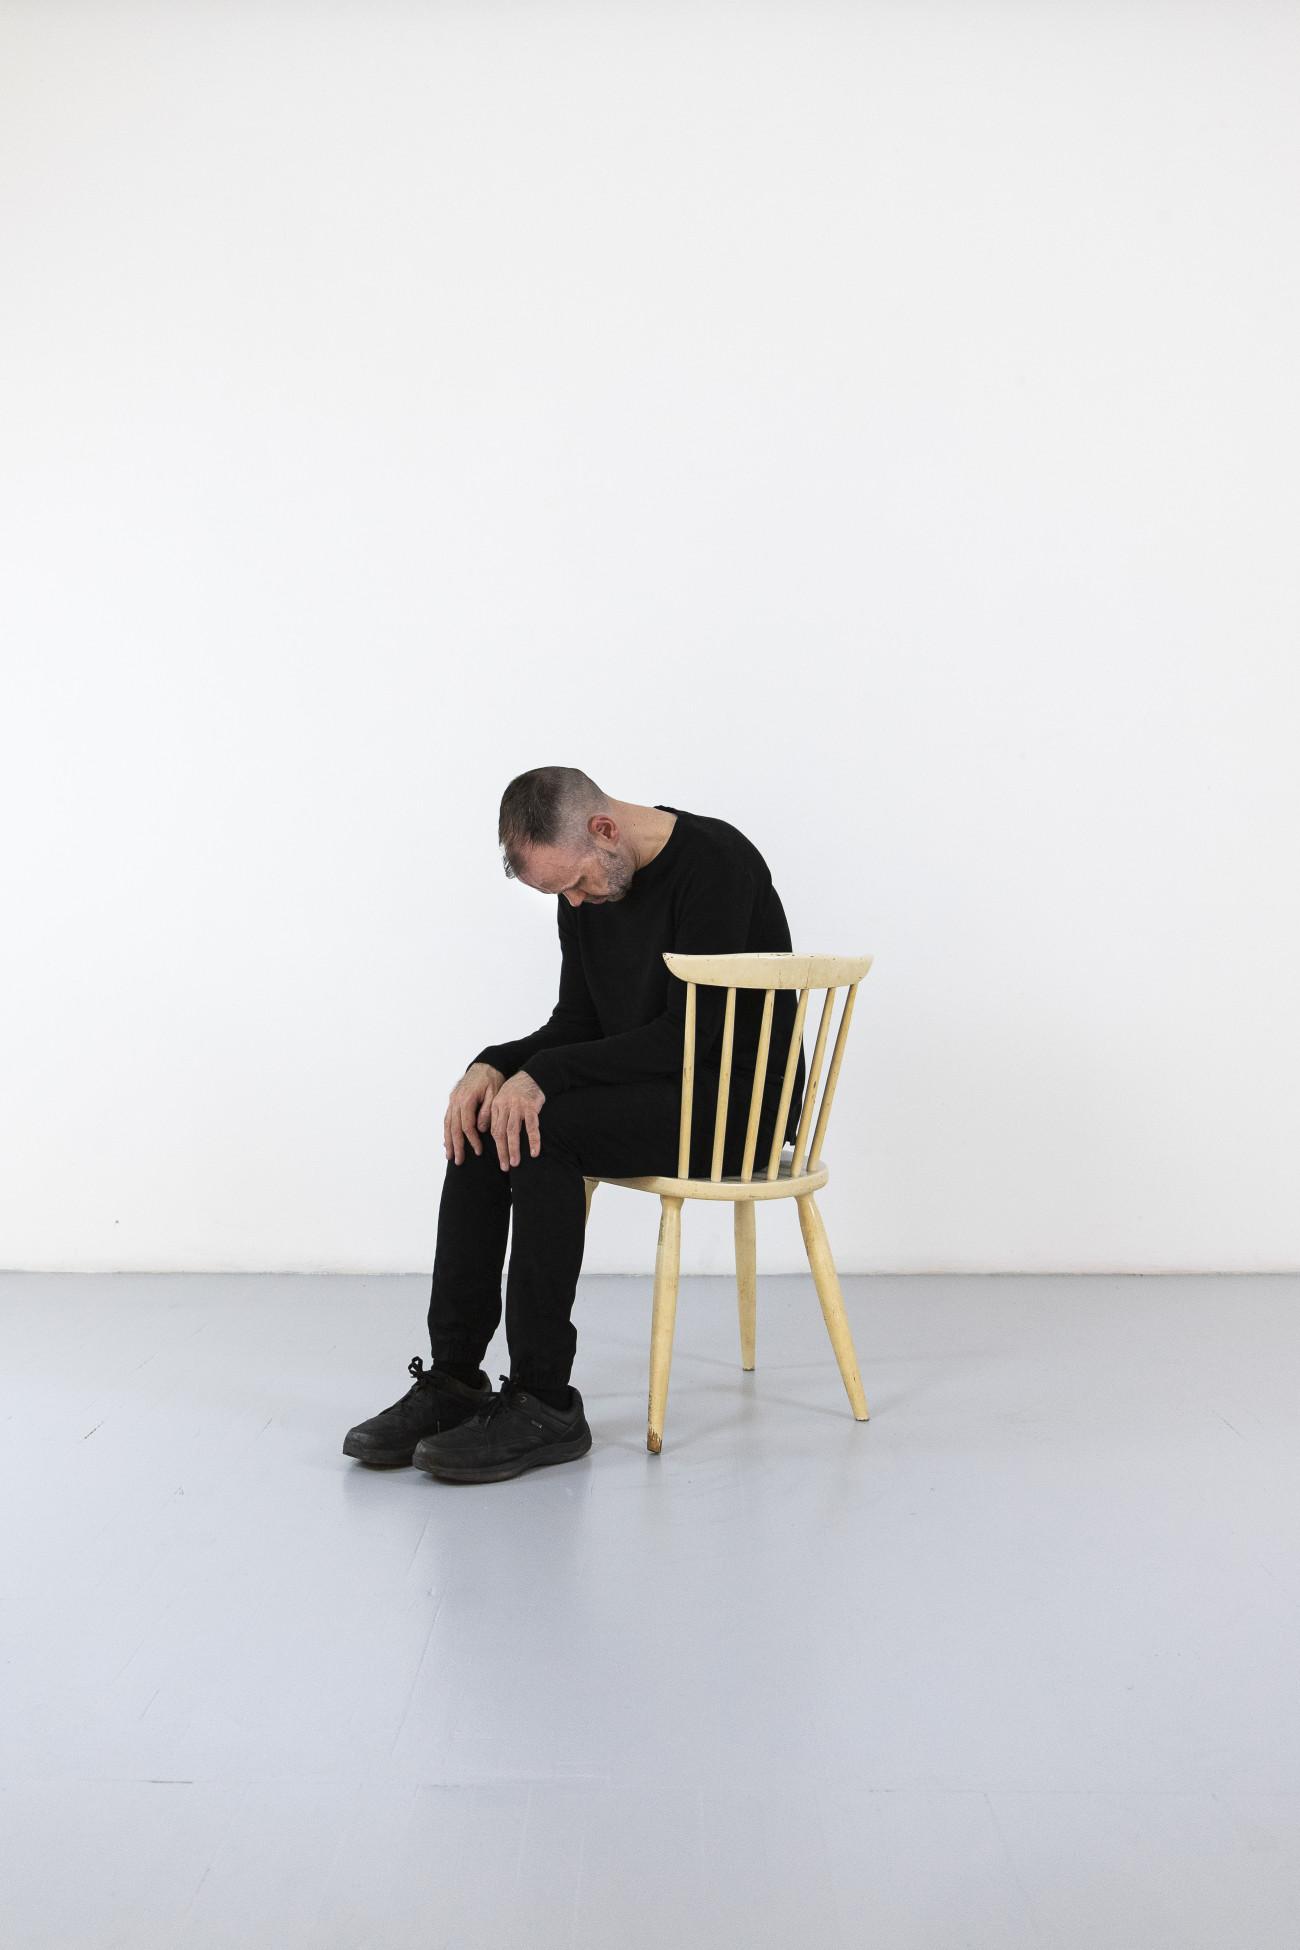 Steve Giasson. Performance invisible n° 247 (Apparaître hors-ligne). Reenactment de Helena Almeida. A cadeira branca [The White Chair]. 2013. Performeur : Steve Giasson. Crédit photographique : Martin Vinette. Retouches photographiques : Daniel Roy. 15 avril 2021.